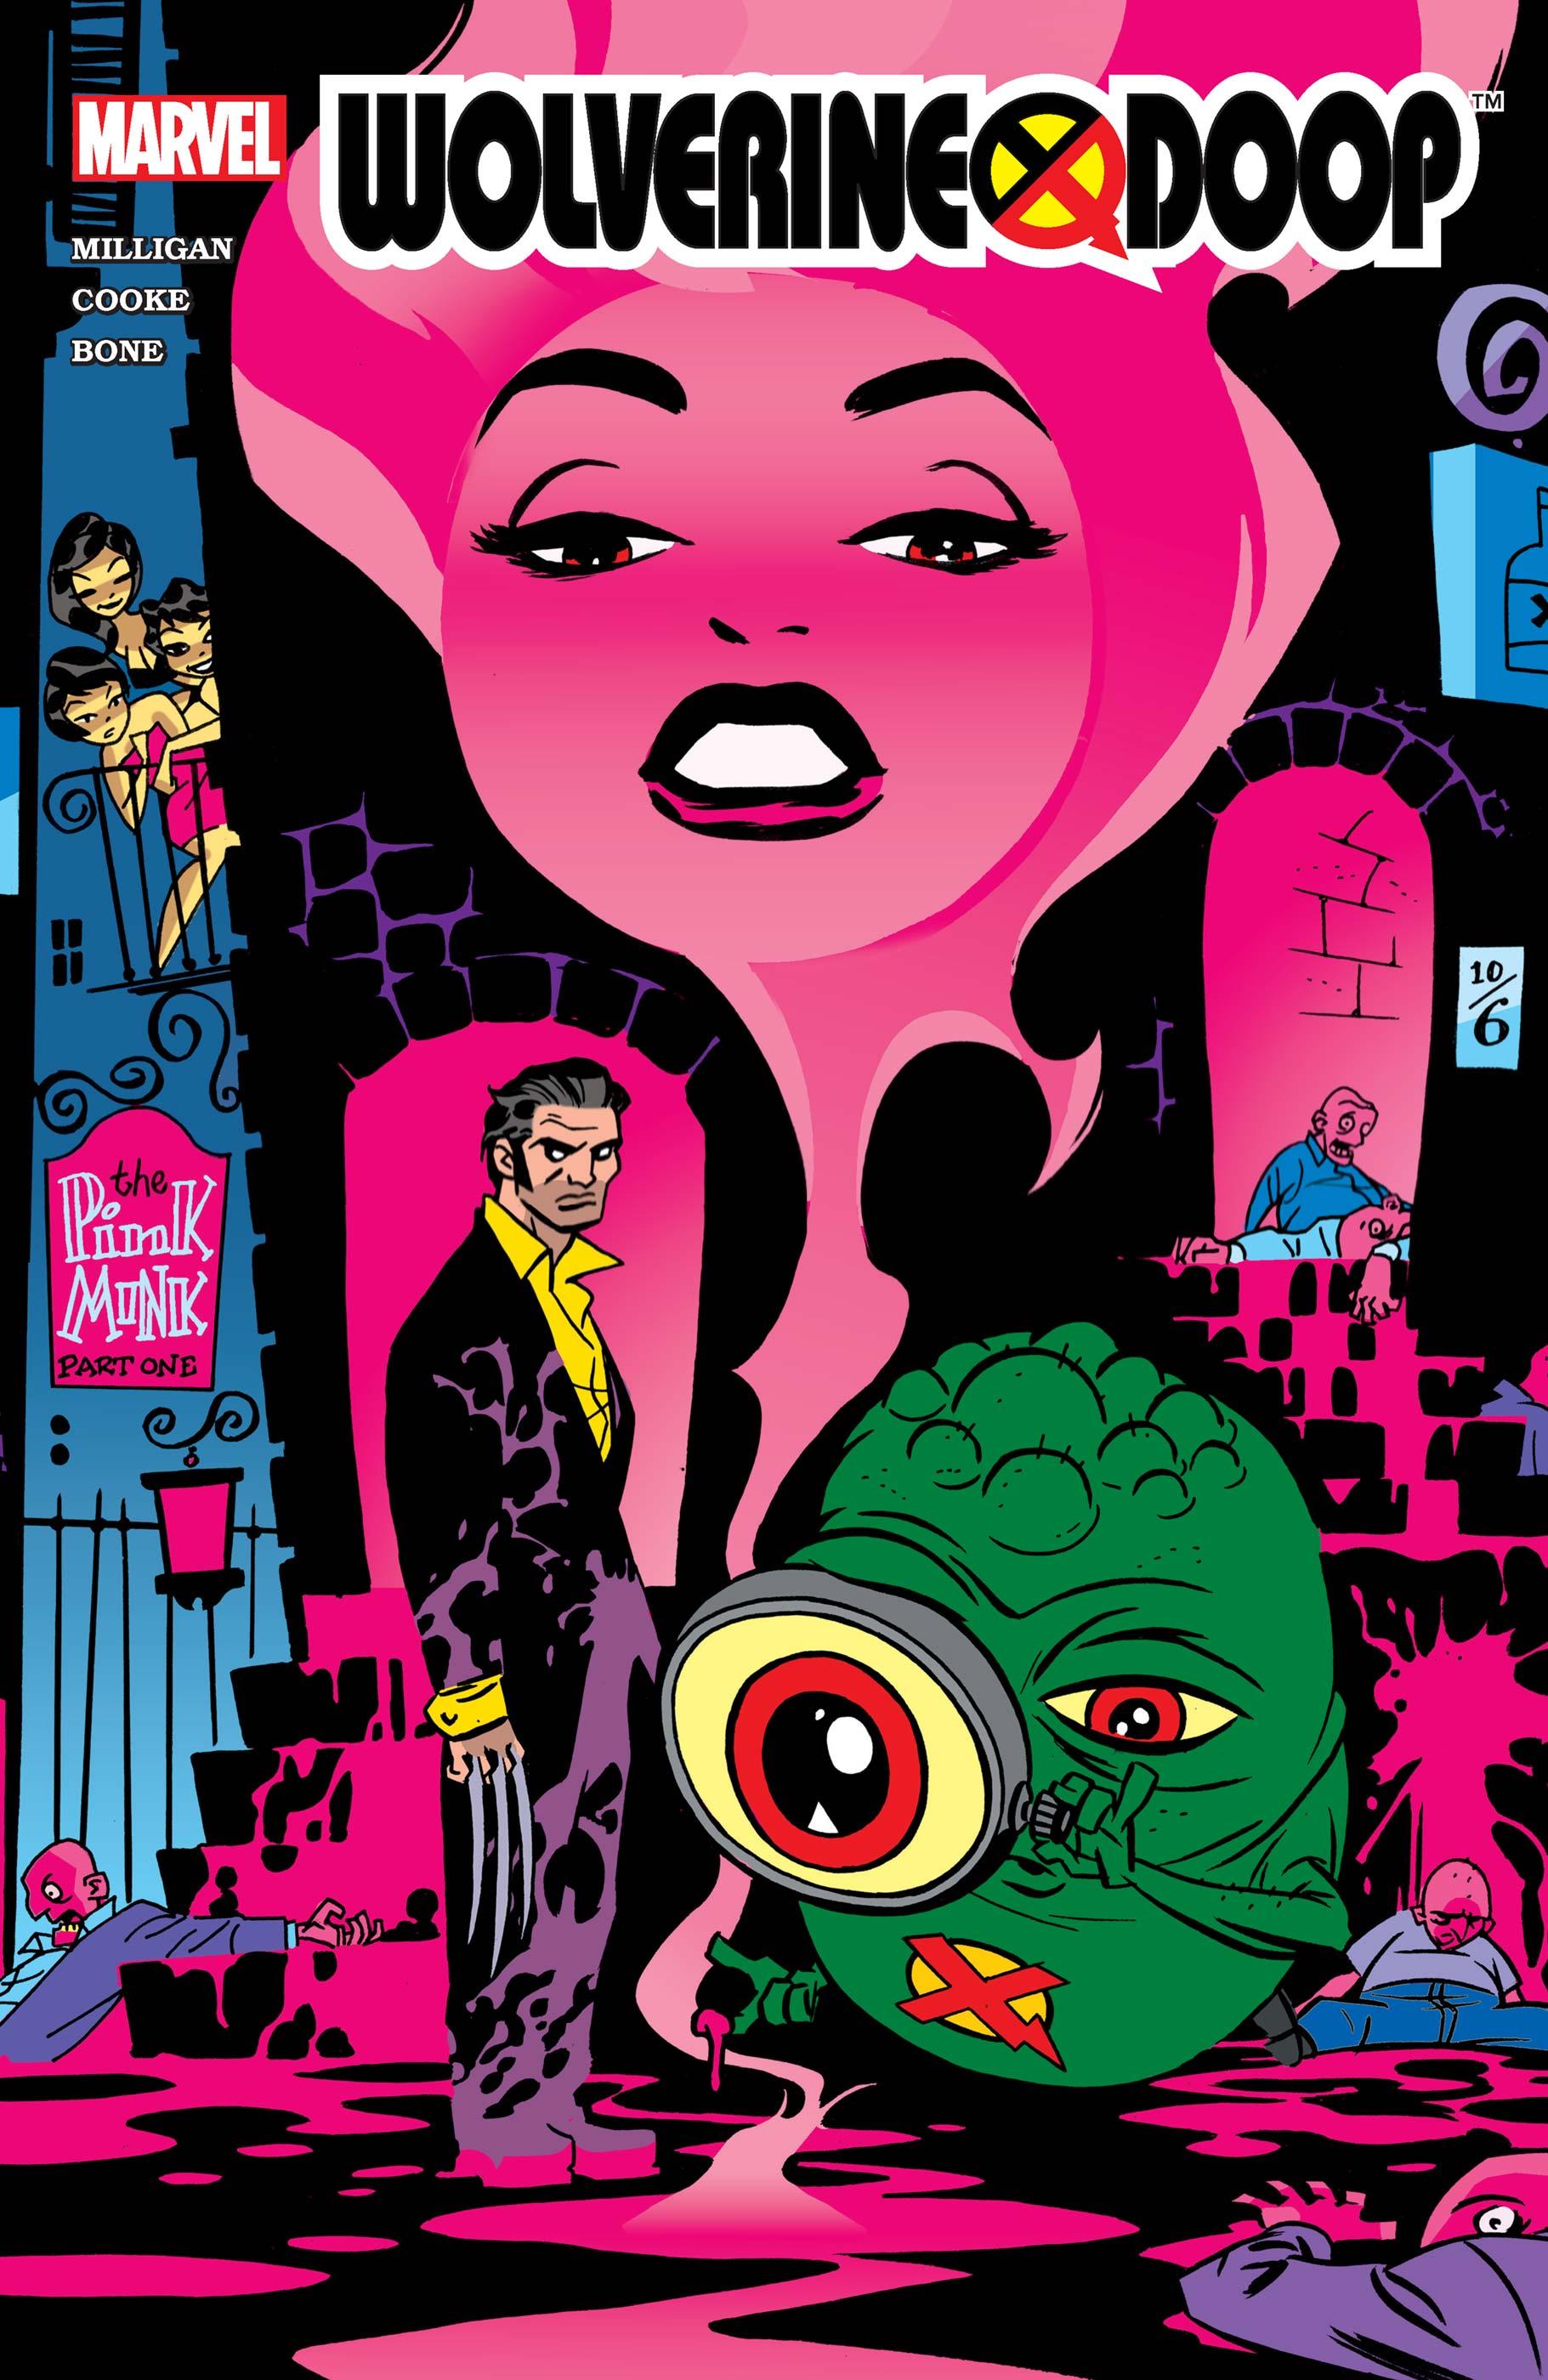 Wolverine/Doop (2003) #1